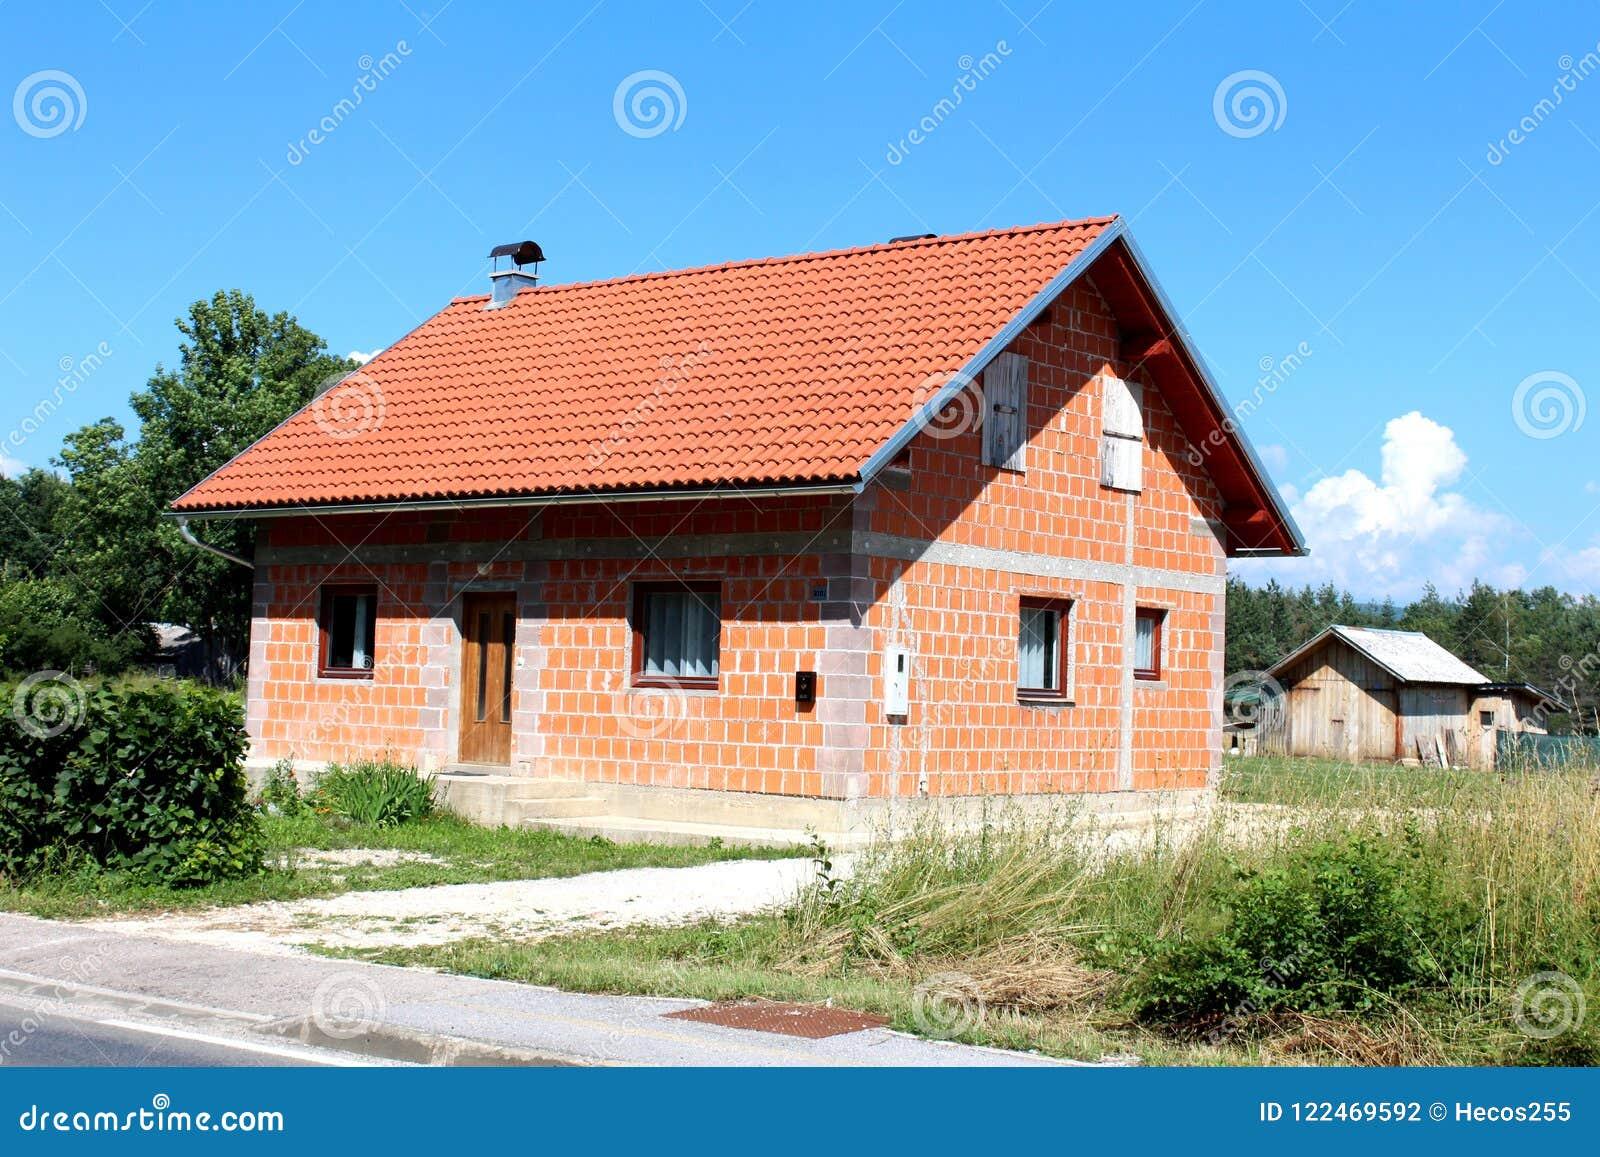 Μικρό ατελές προαστιακό οικογενειακό σπίτι τούβλου με το παλαιό ξύλινο υπόστεγο στο υπόβαθρο